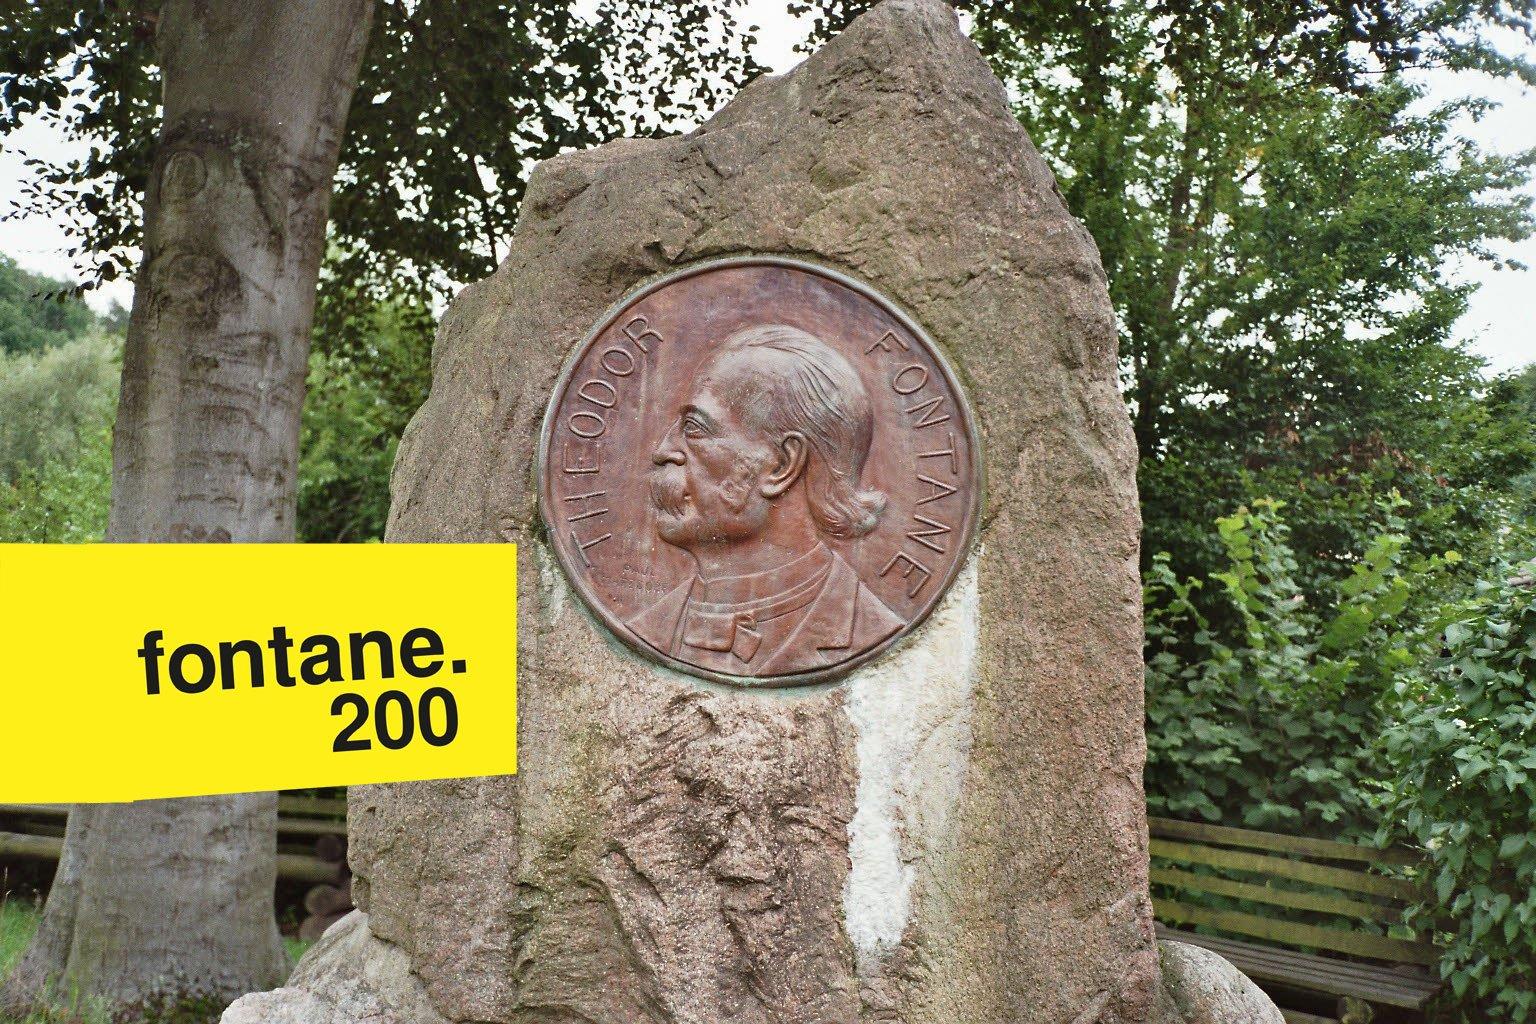 """Denkmal mit Theodor Fontane im Profil. Eine Treibarbeit, die in Falkenberg steht. Mit in das Bild montiert: das Logo des Fontanejahres: """"fontane. 200"""" in schwarzer Schrift auf gelben Grund."""